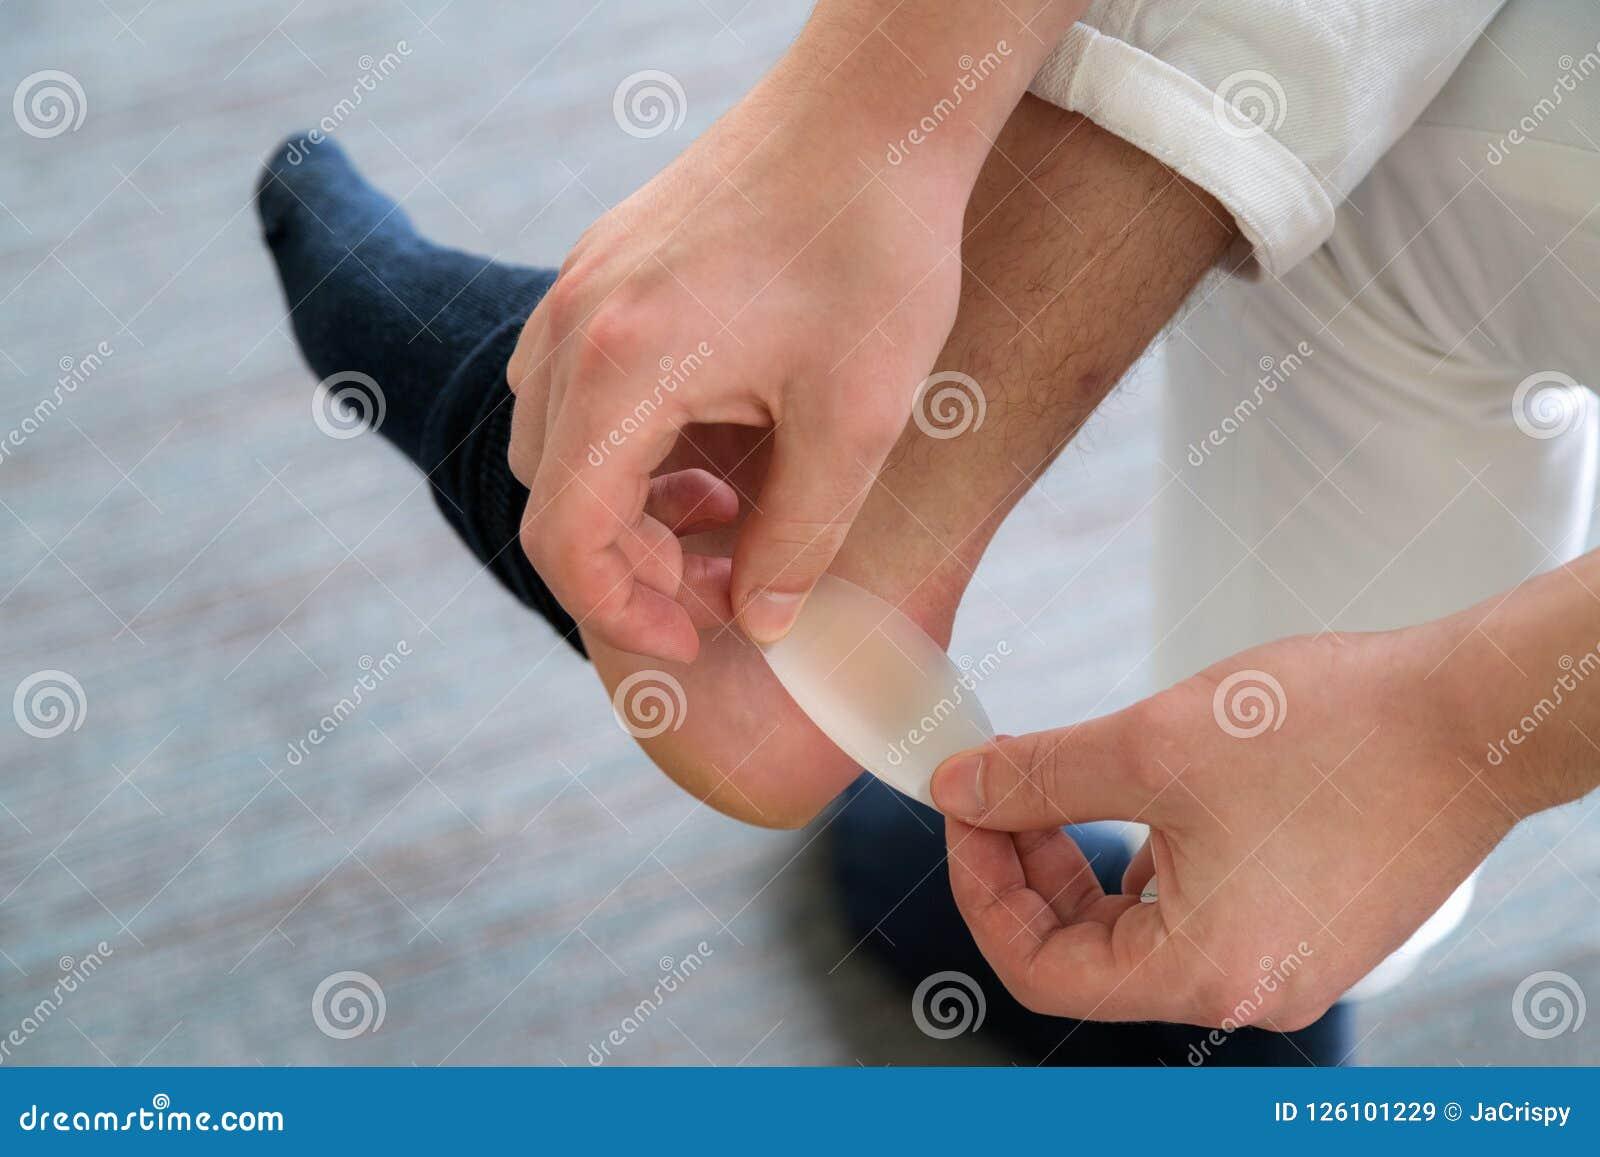 De pijnlijke die Hielwond bemant voeten door nieuwe schoenen worden veroorzaakt Bemant Handen